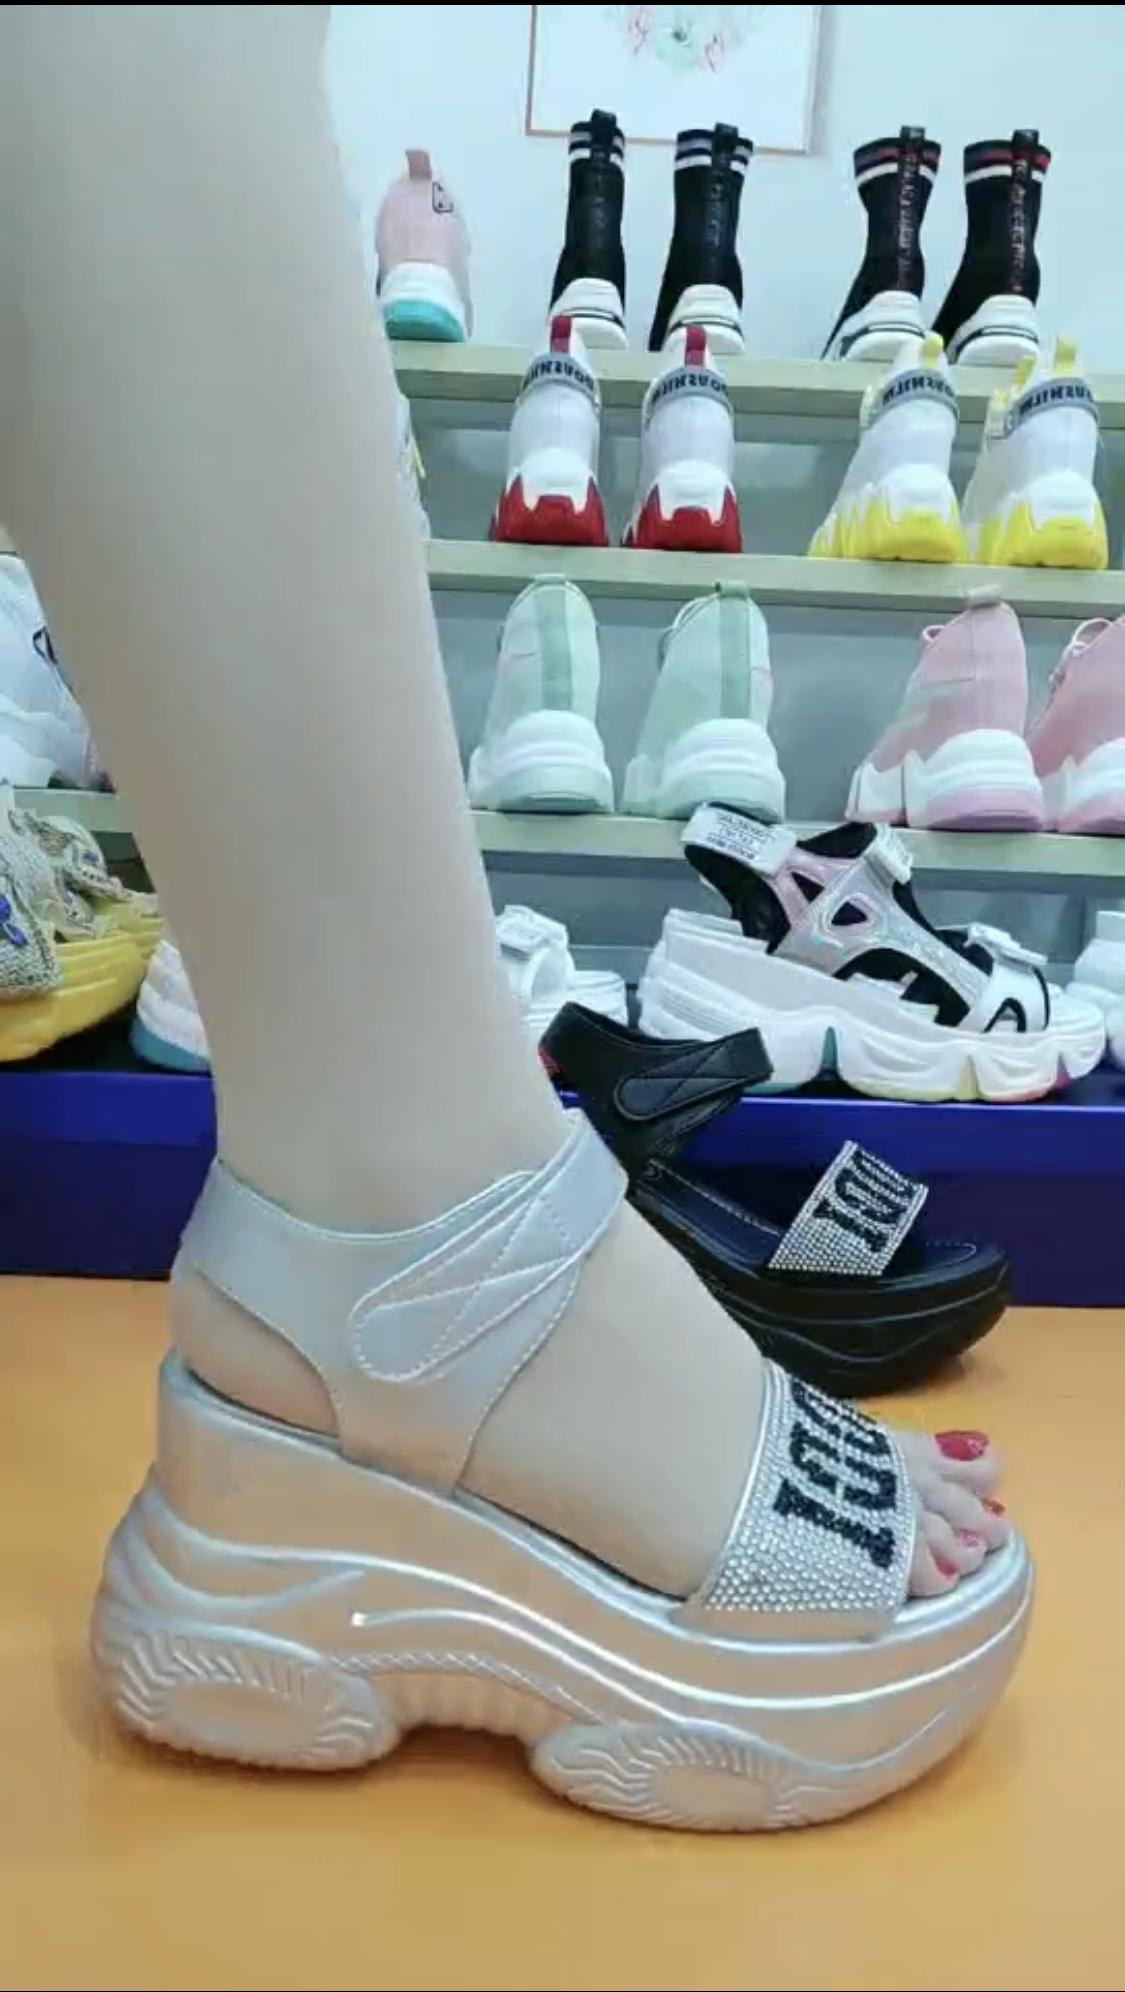 水钻罗马鞋 坡跟凉鞋女夏季2020年新款水钻内增高仙女风厚底松糕一字带罗马鞋_推荐淘宝好看的水钻罗马鞋